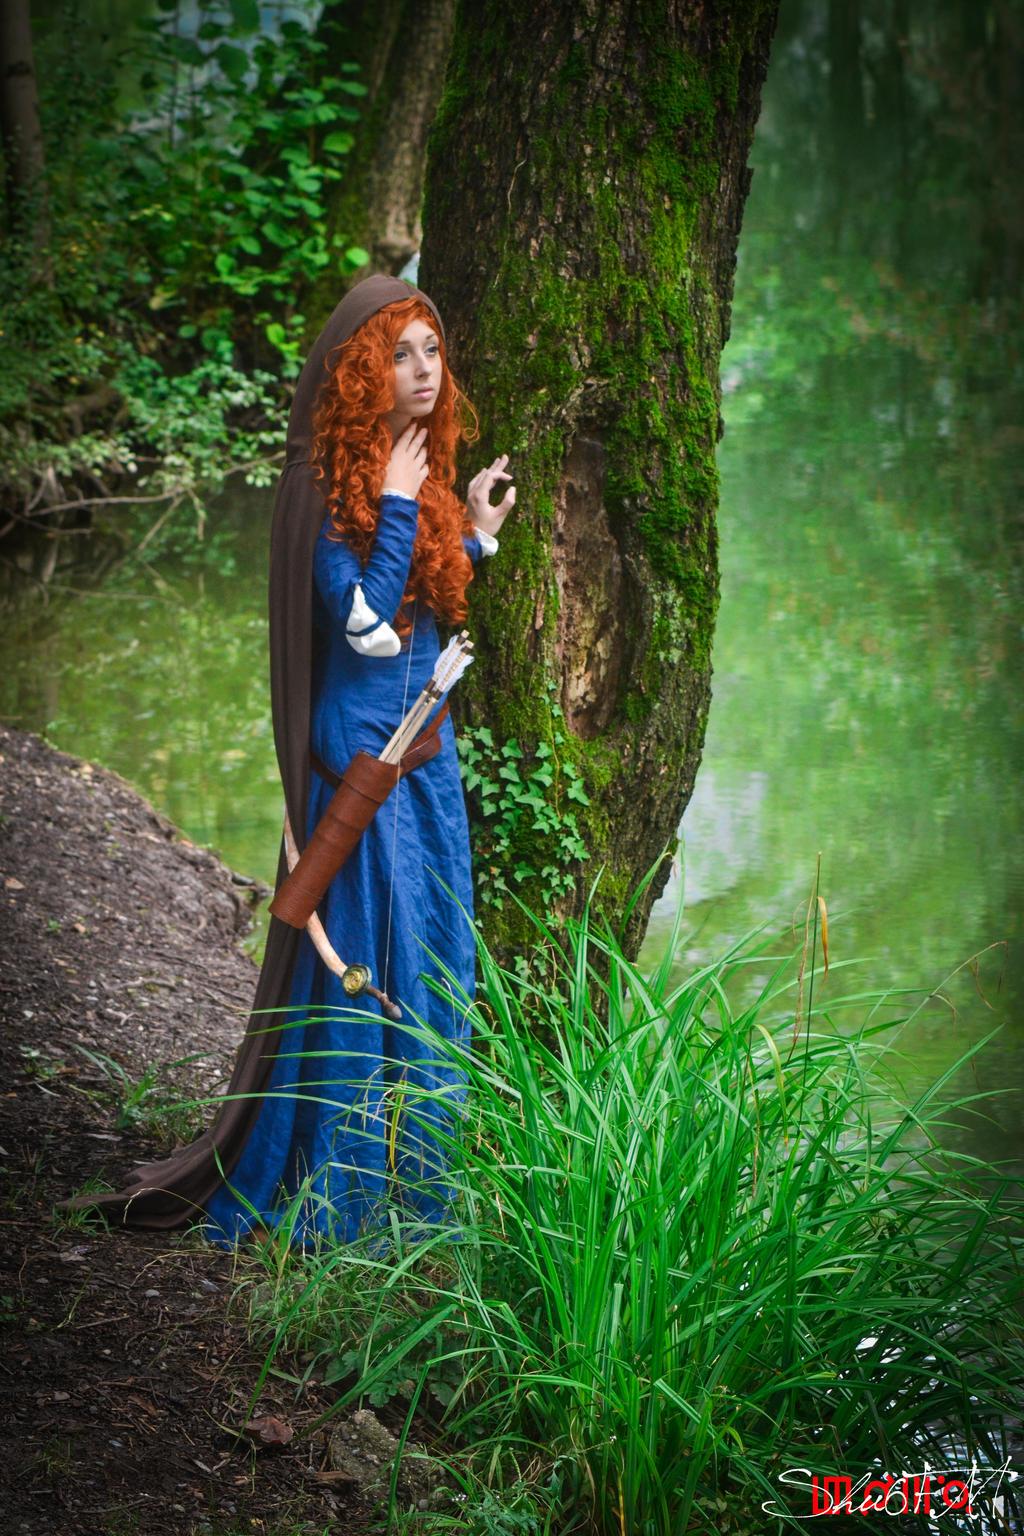 Merida- I'm the princess. by Neigeamer